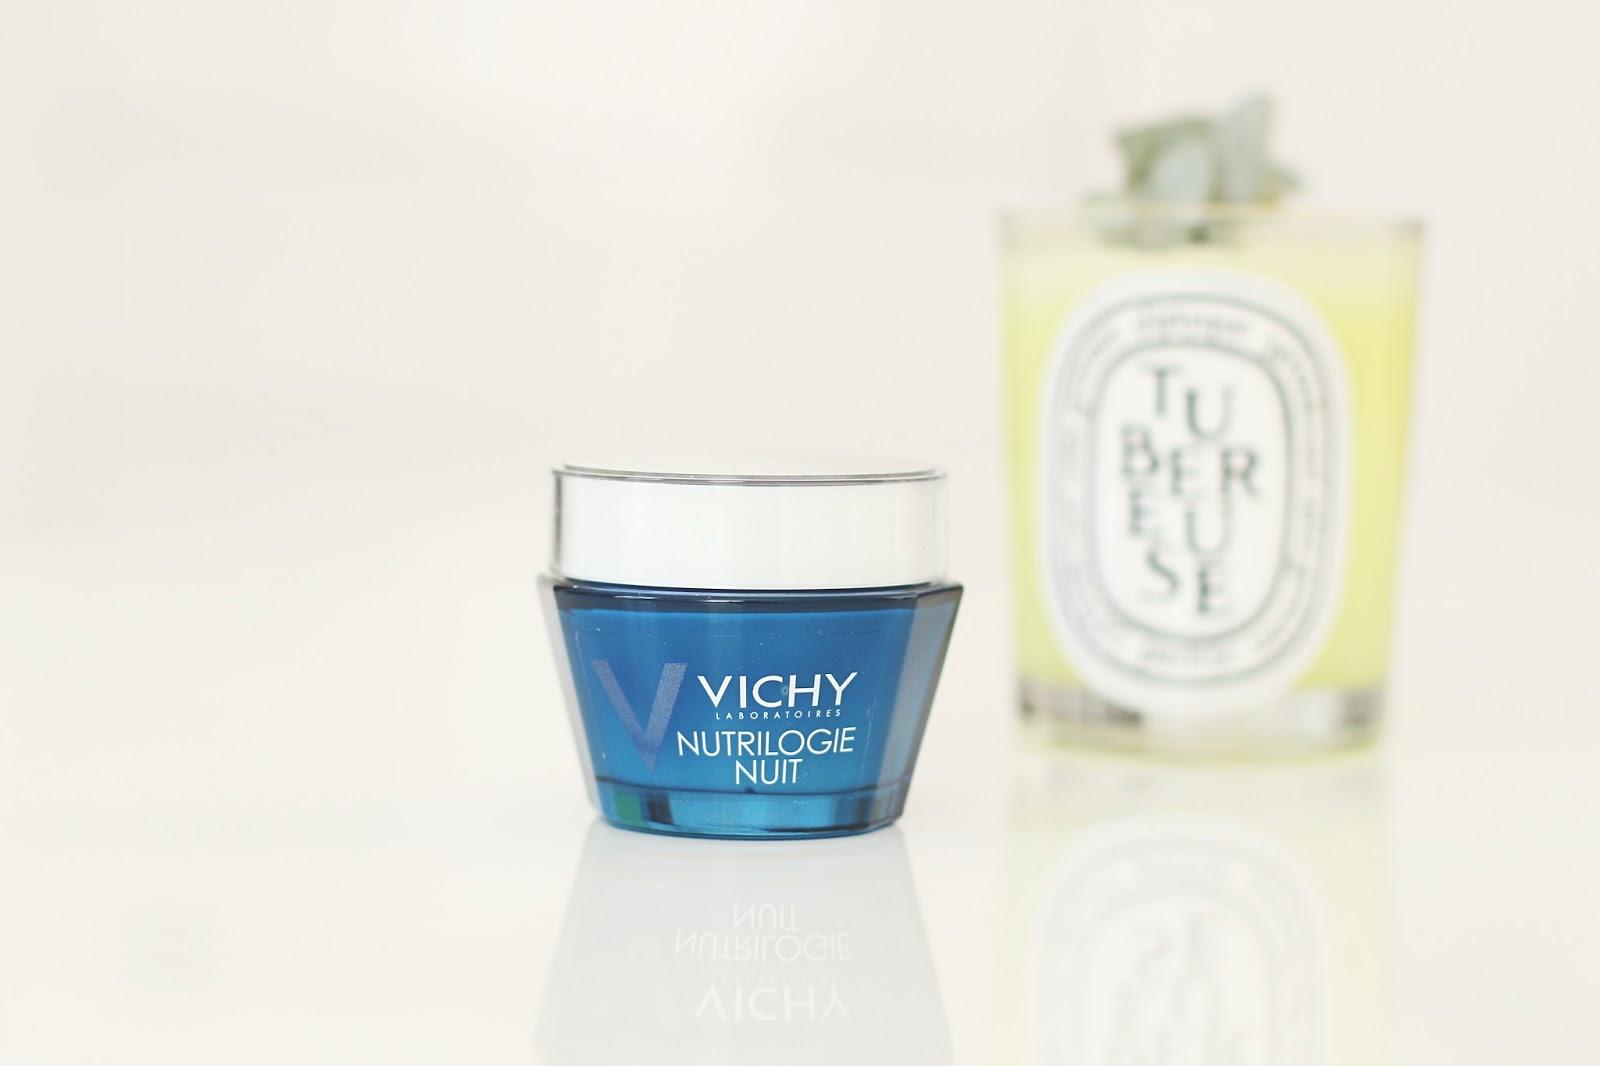 Vichy Nutrilogie Nuit